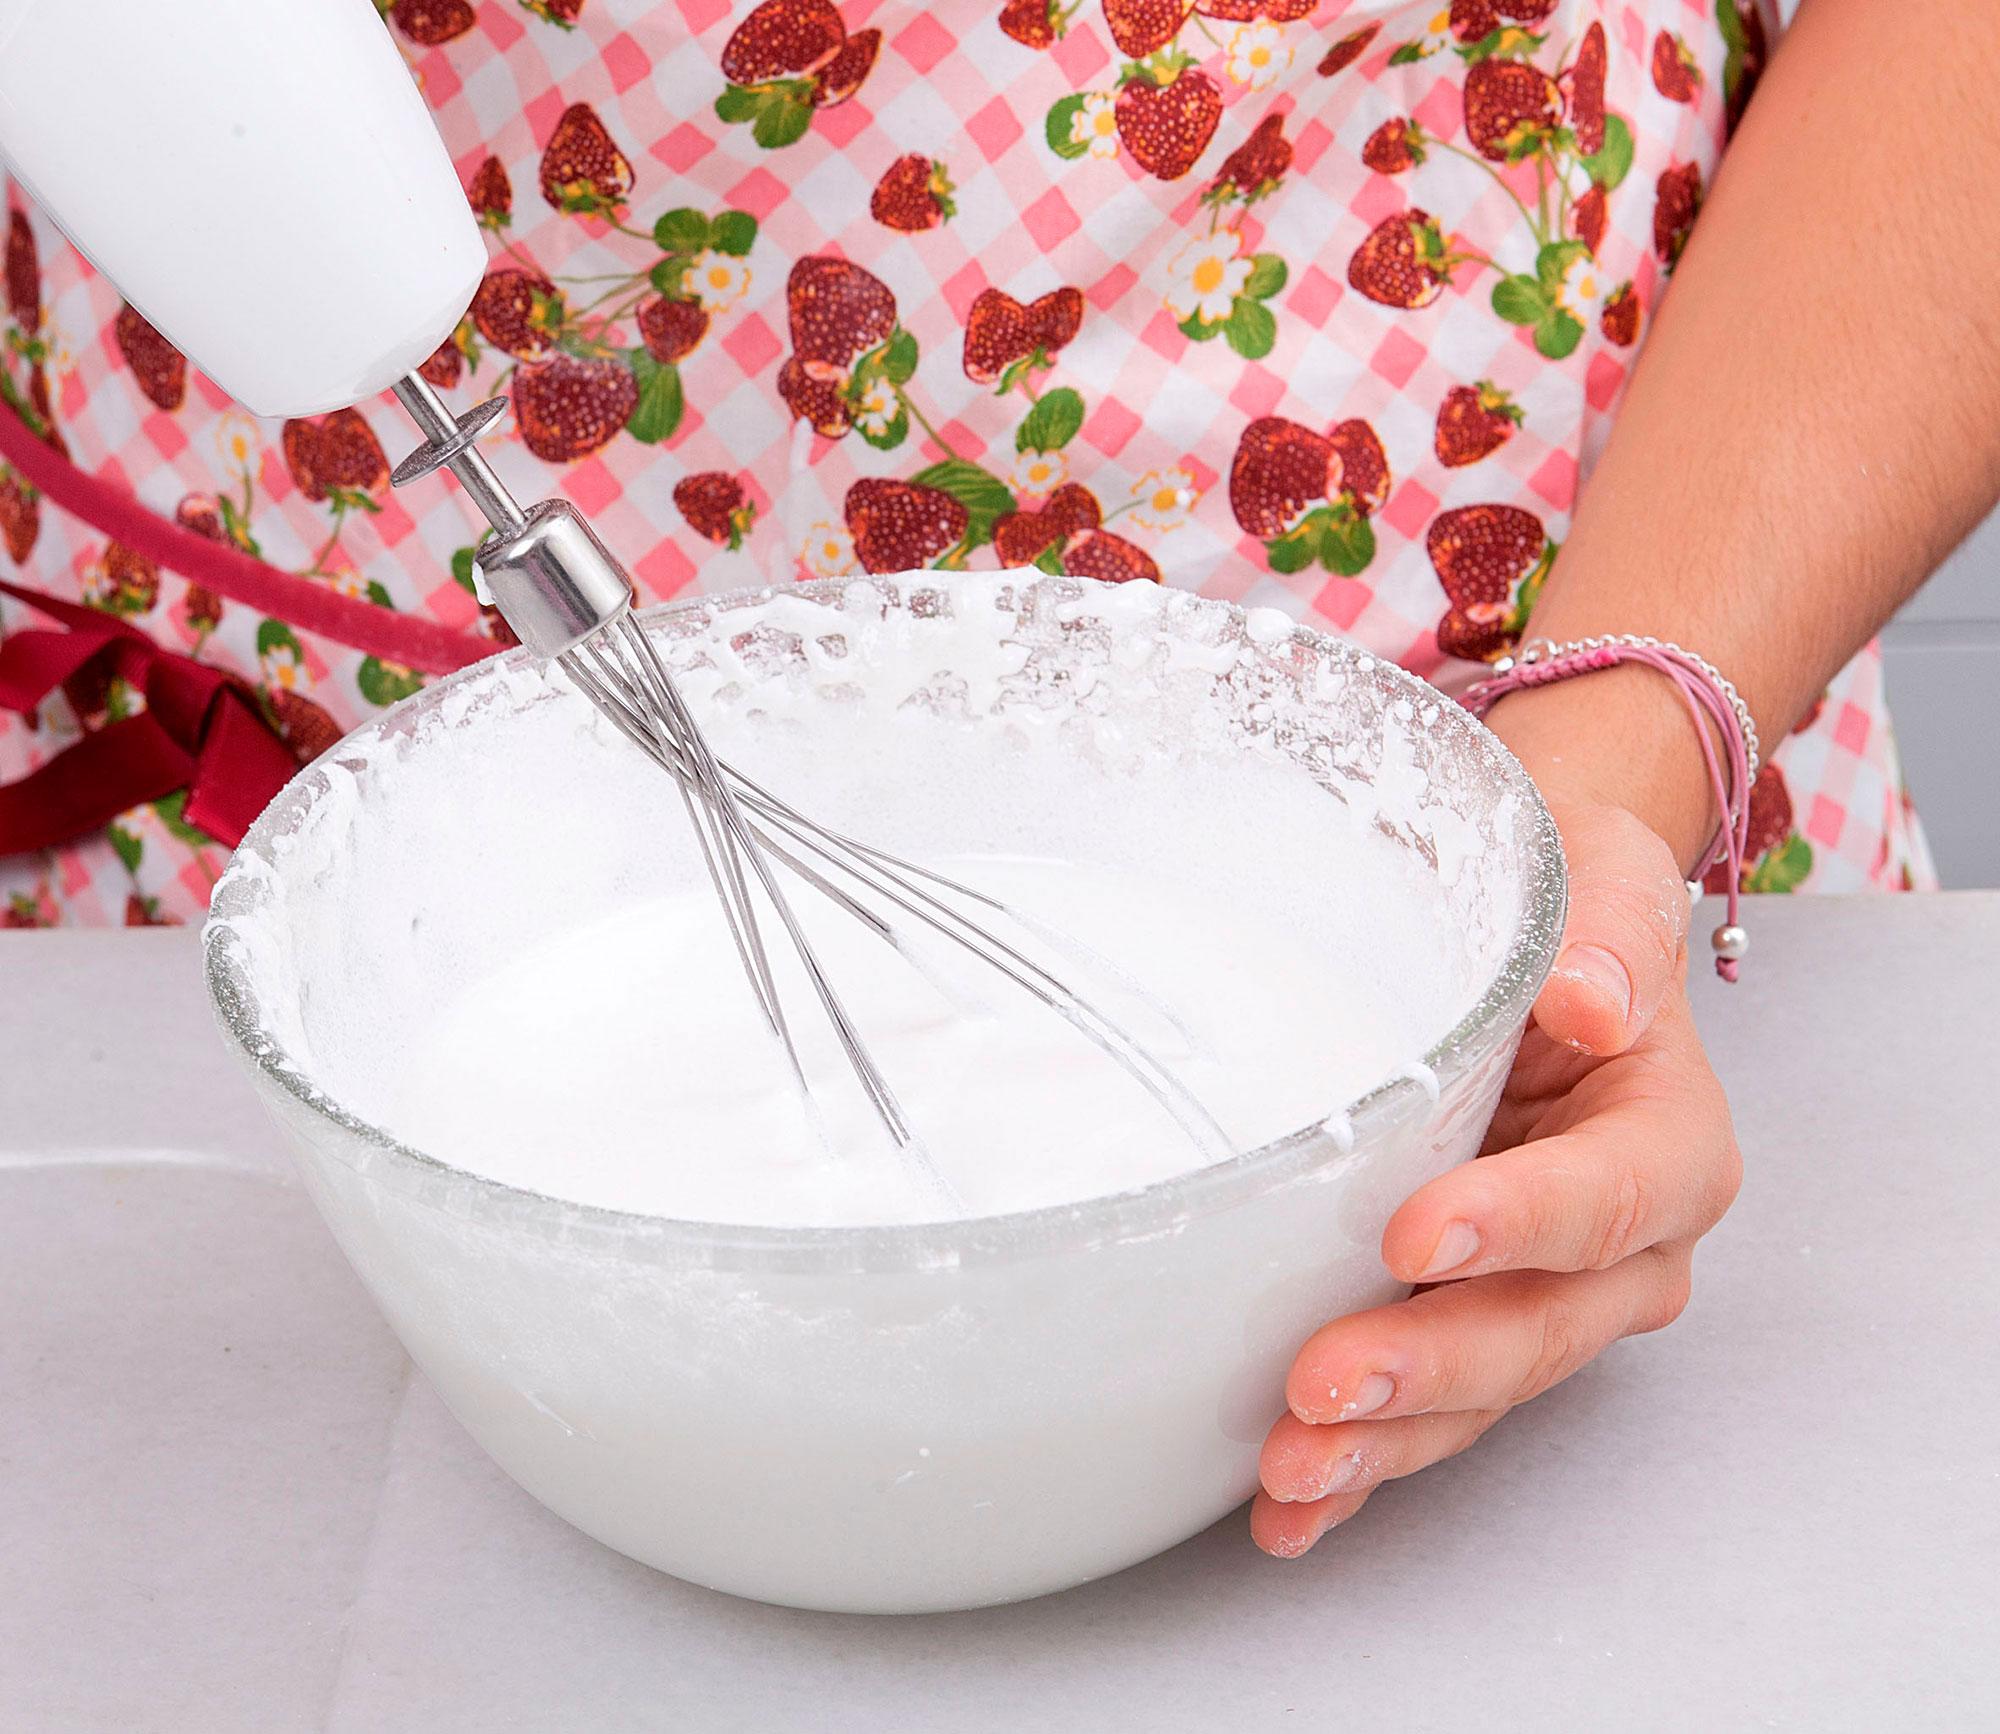 Resultado de imagen para mujer batiendo huevos